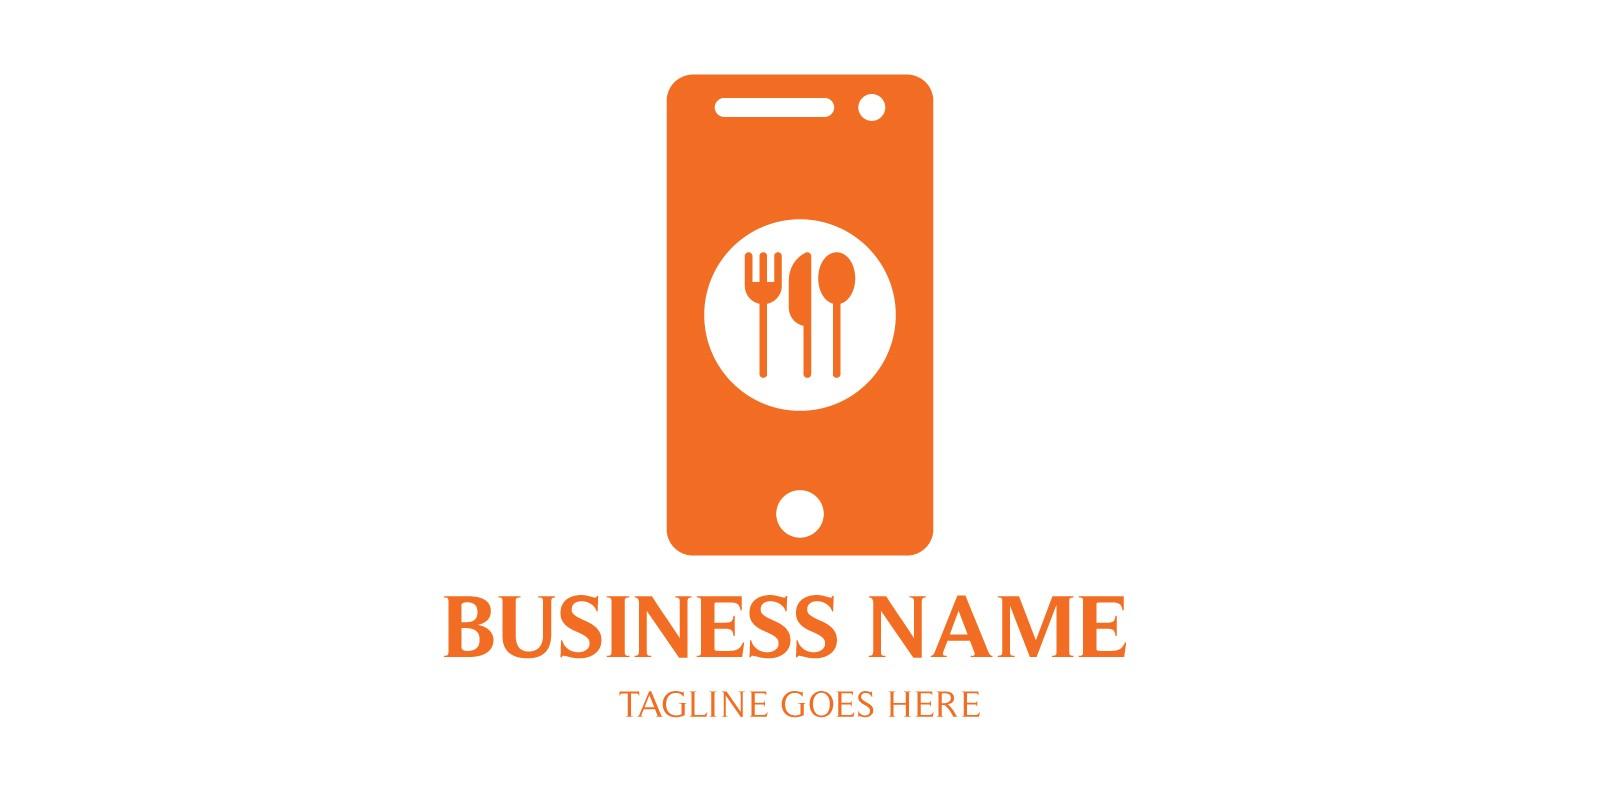 Mobile Order Online Food Logo